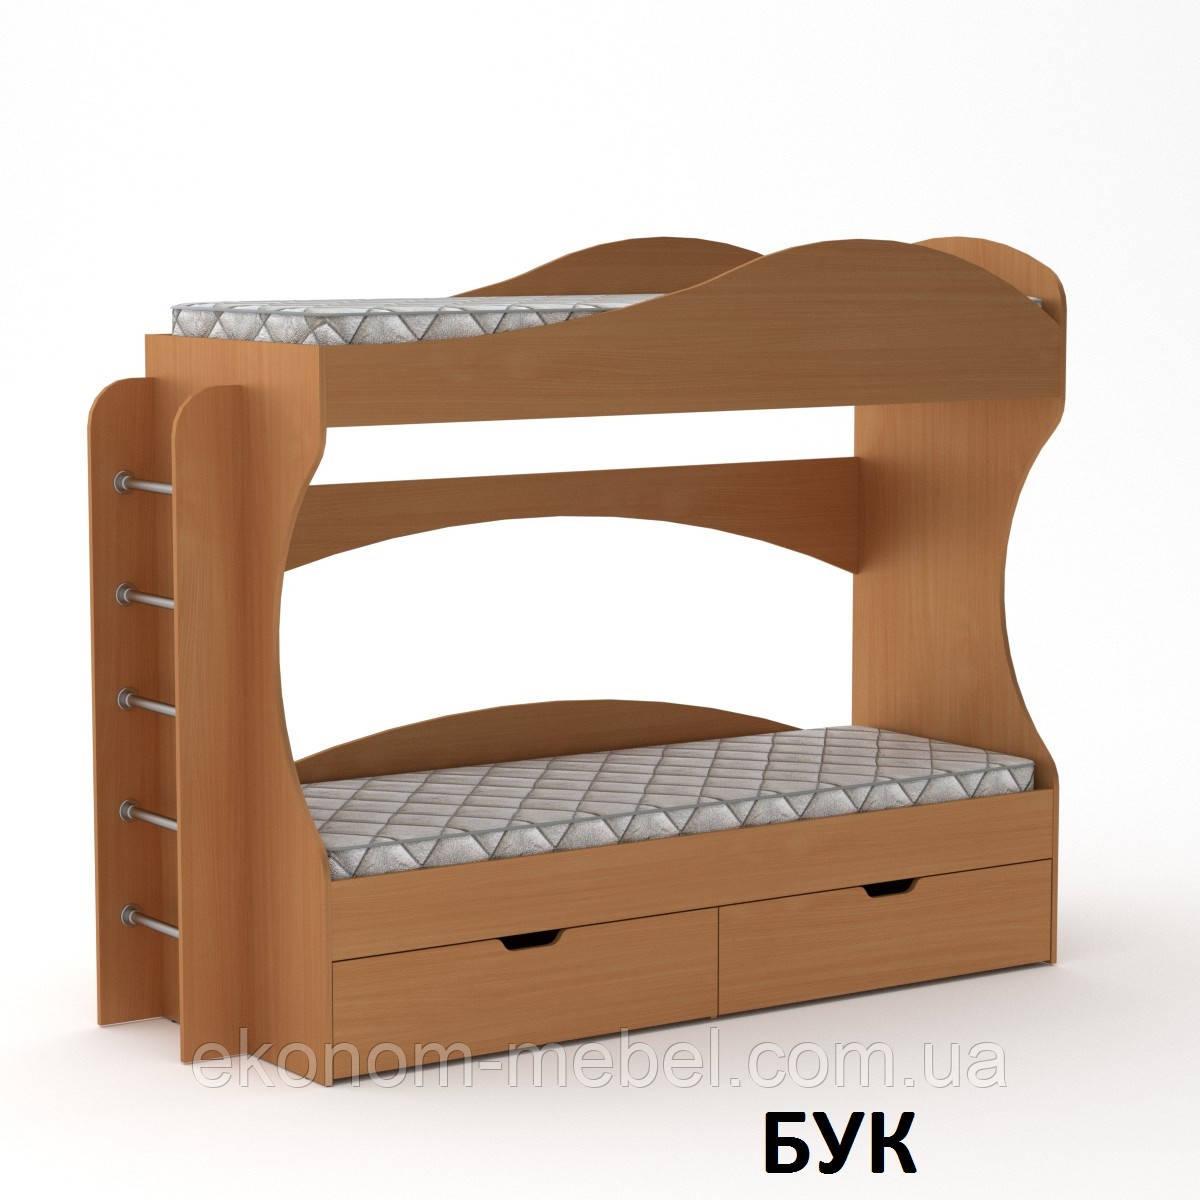 Ліжко двоярусне Бриз з ящиками для будинку або дитячого табору